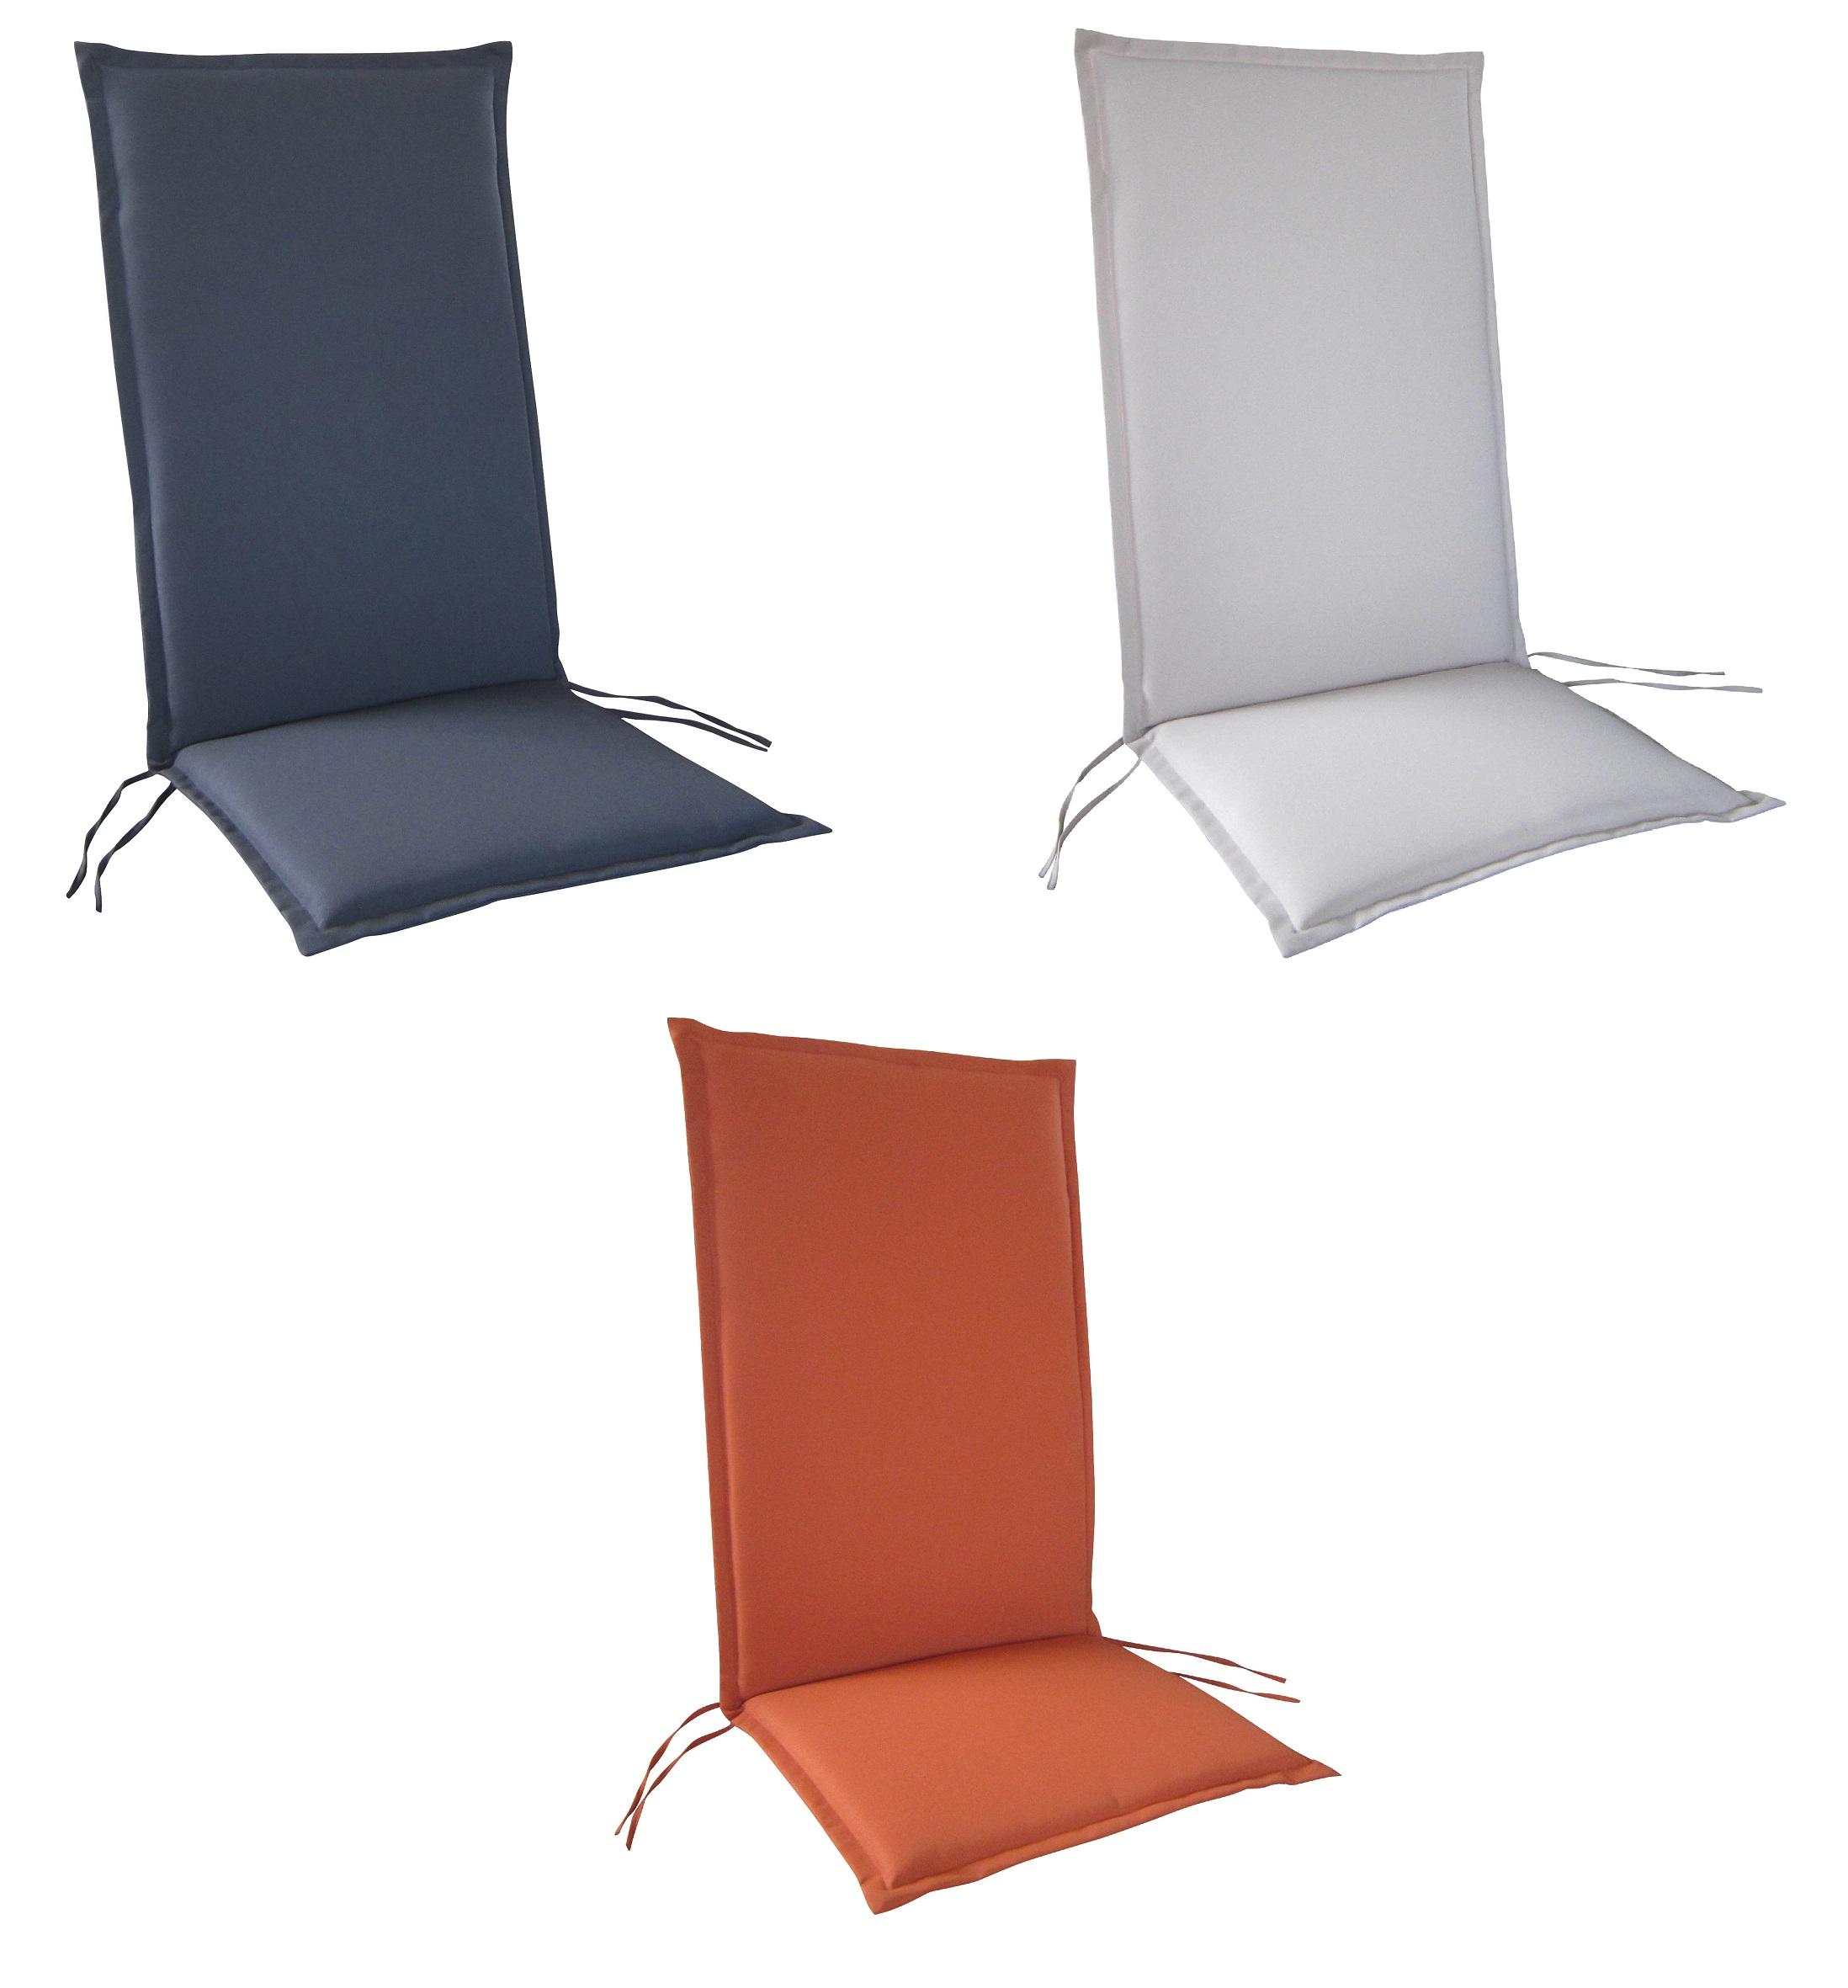 hochlehner gartenstuhl auflagen 116x46x4cm rei verschluss f r st hle mit hoher lehne. Black Bedroom Furniture Sets. Home Design Ideas